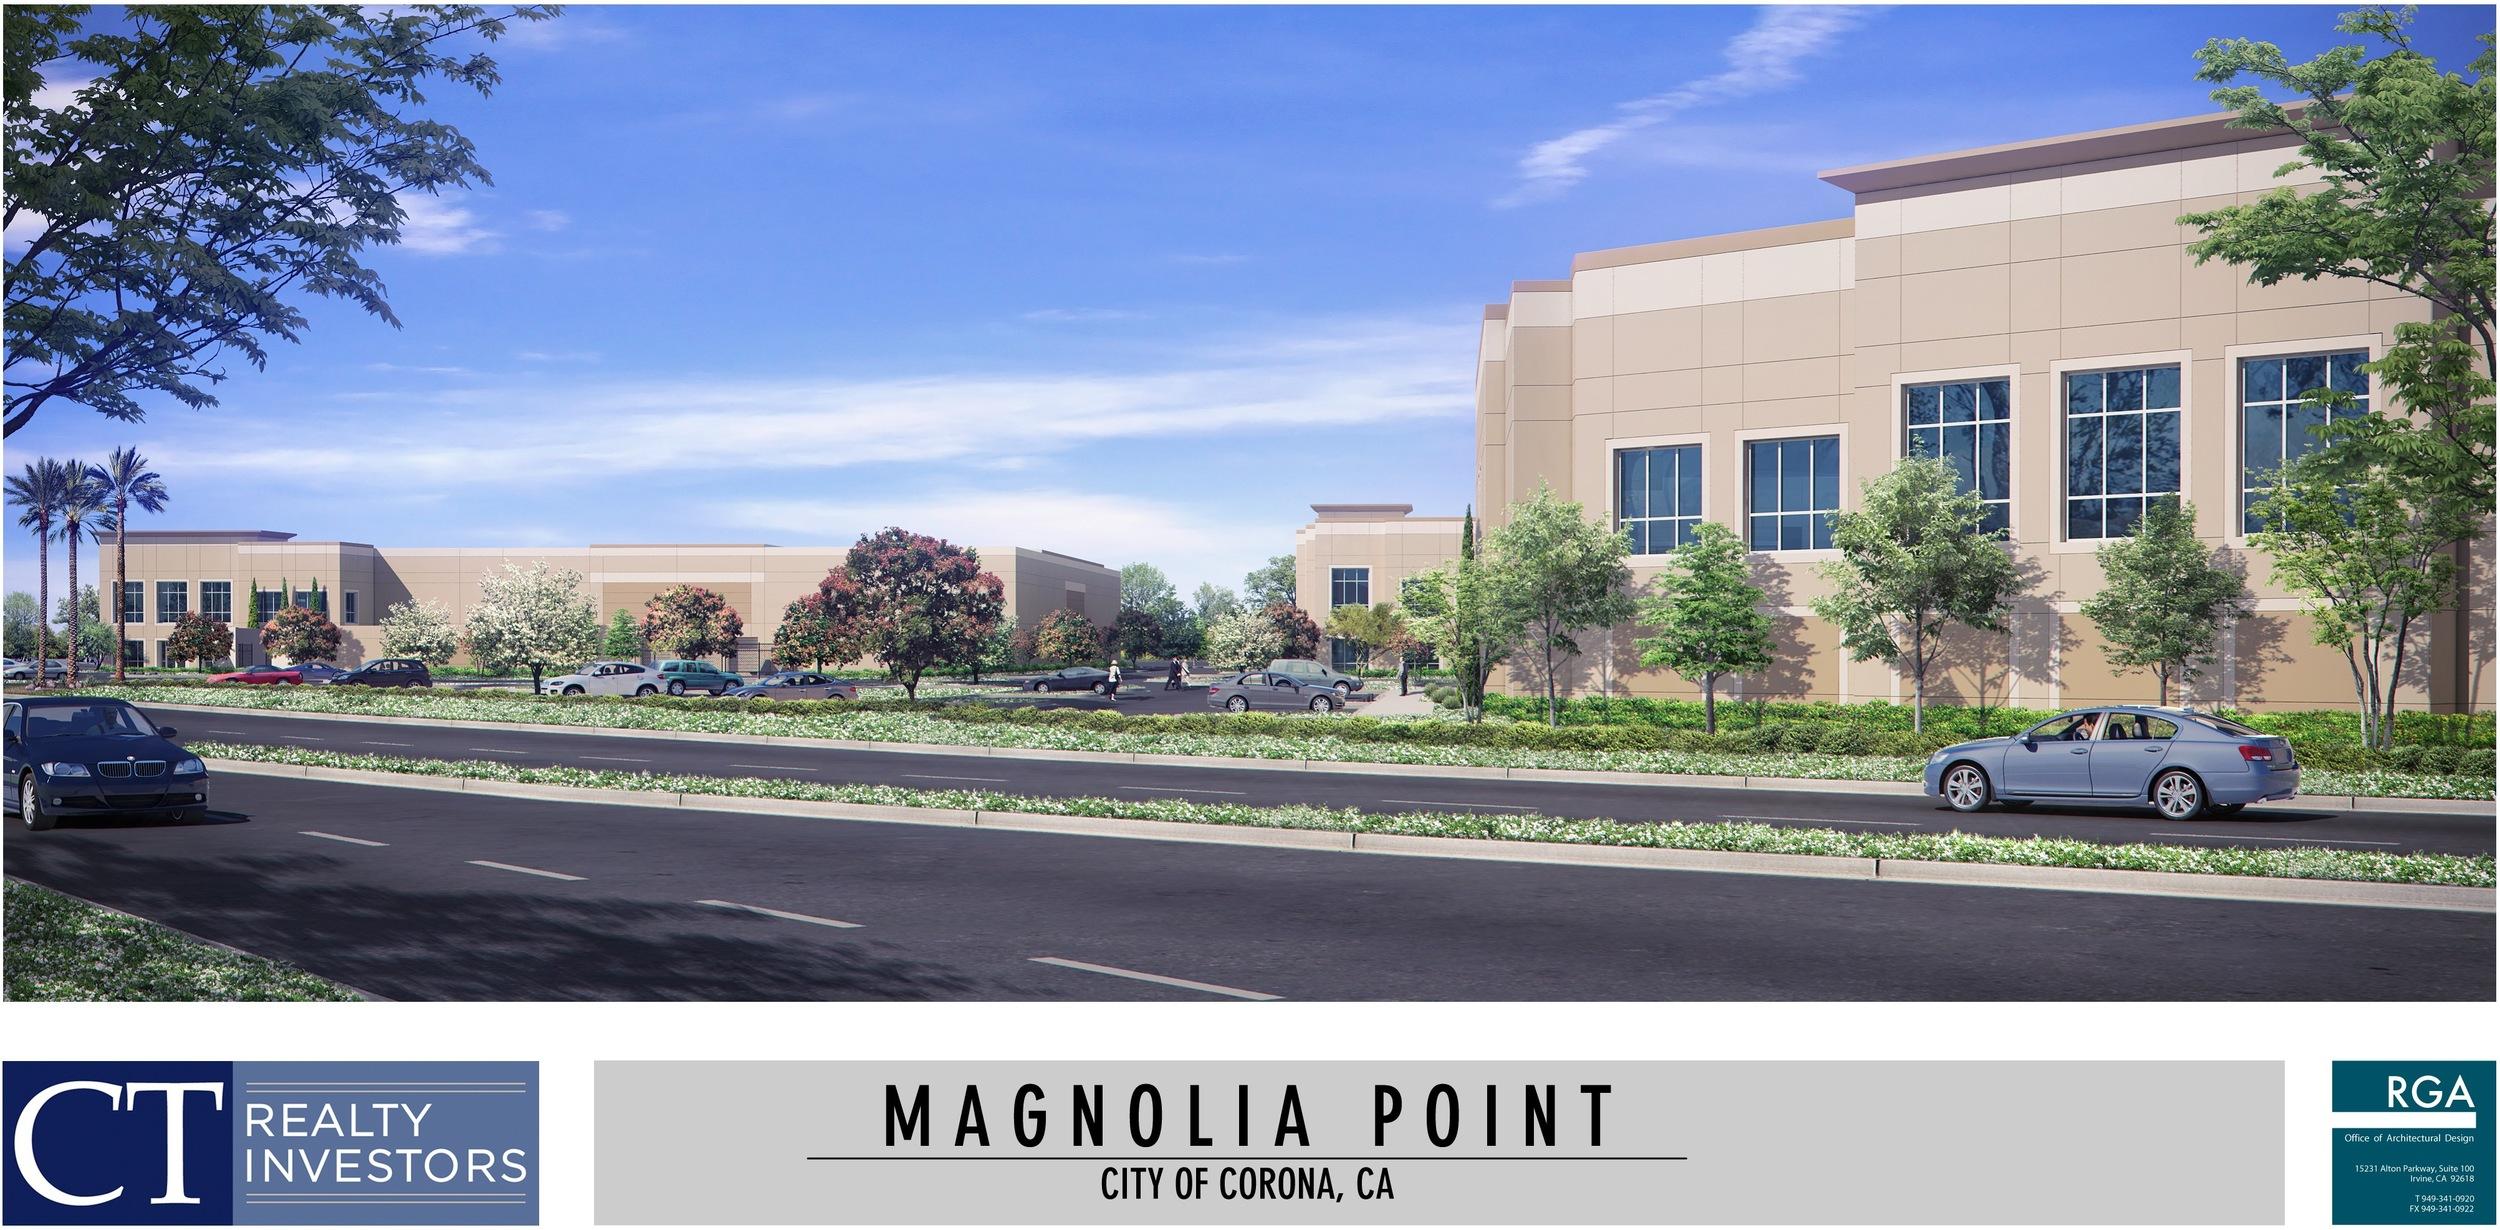 Magnolia Point-View 2 Crop.jpg